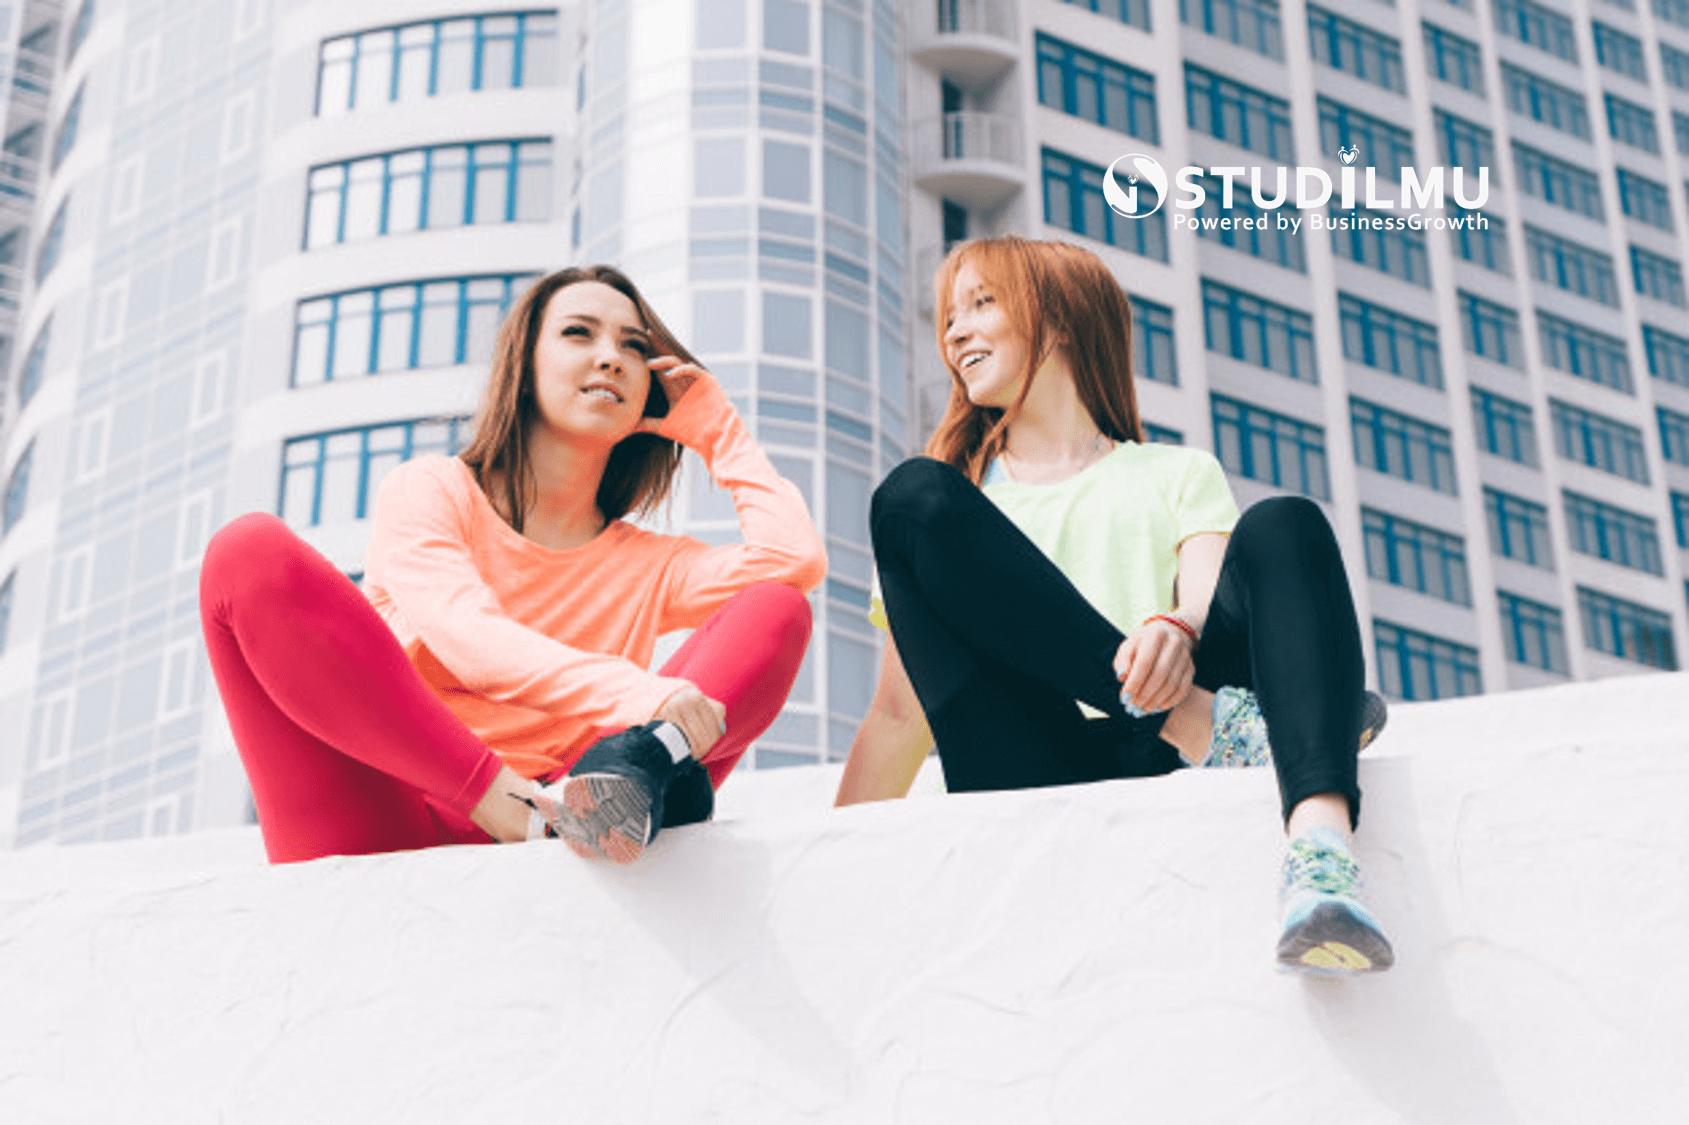 STUDILMU Career Advice - Toxic adalah Penghambat Kebahagiaan di Kantor